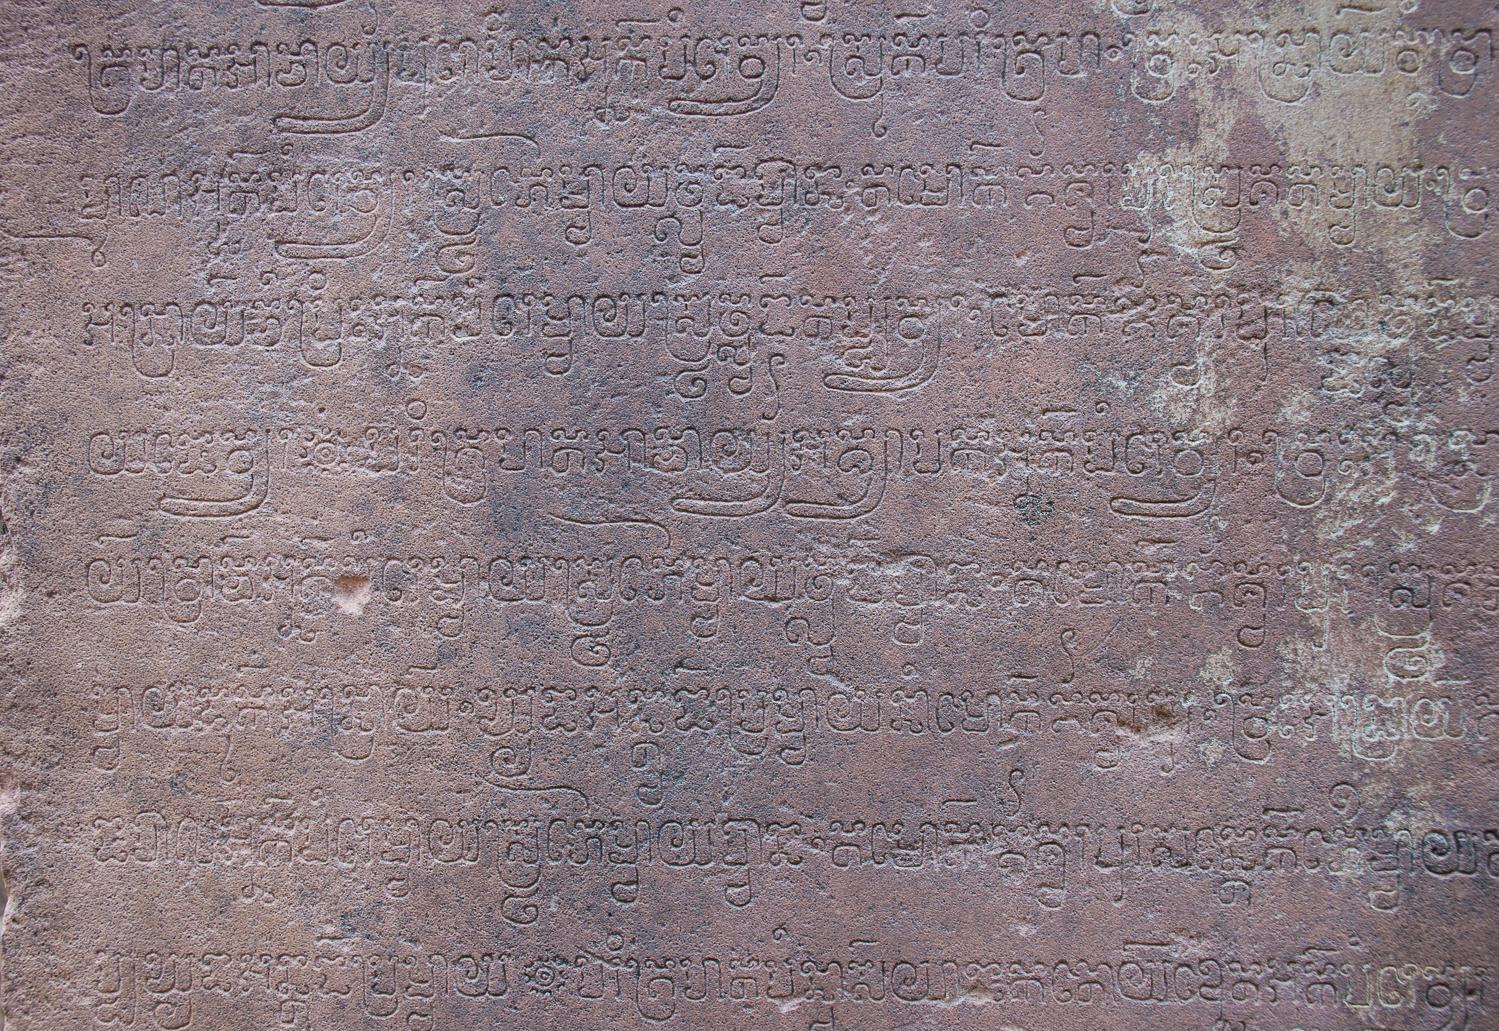 Banteay Sri, Banteay Samre, Preah Khan, Ta Som, and Neak Pean details